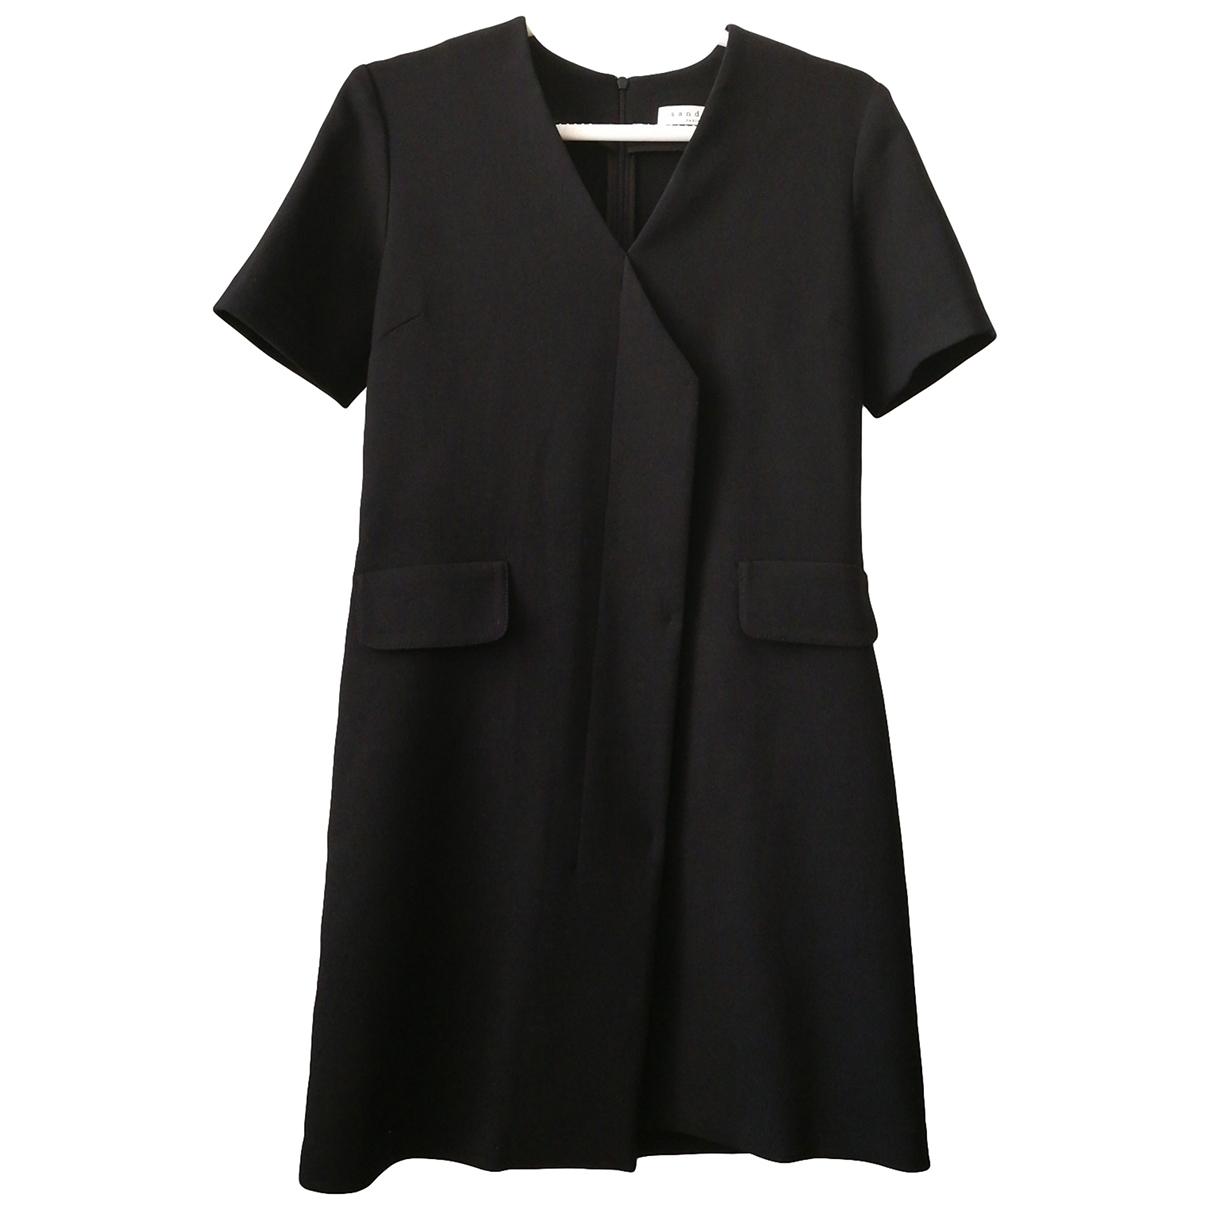 Sandro \N Black dress for Women 40 FR